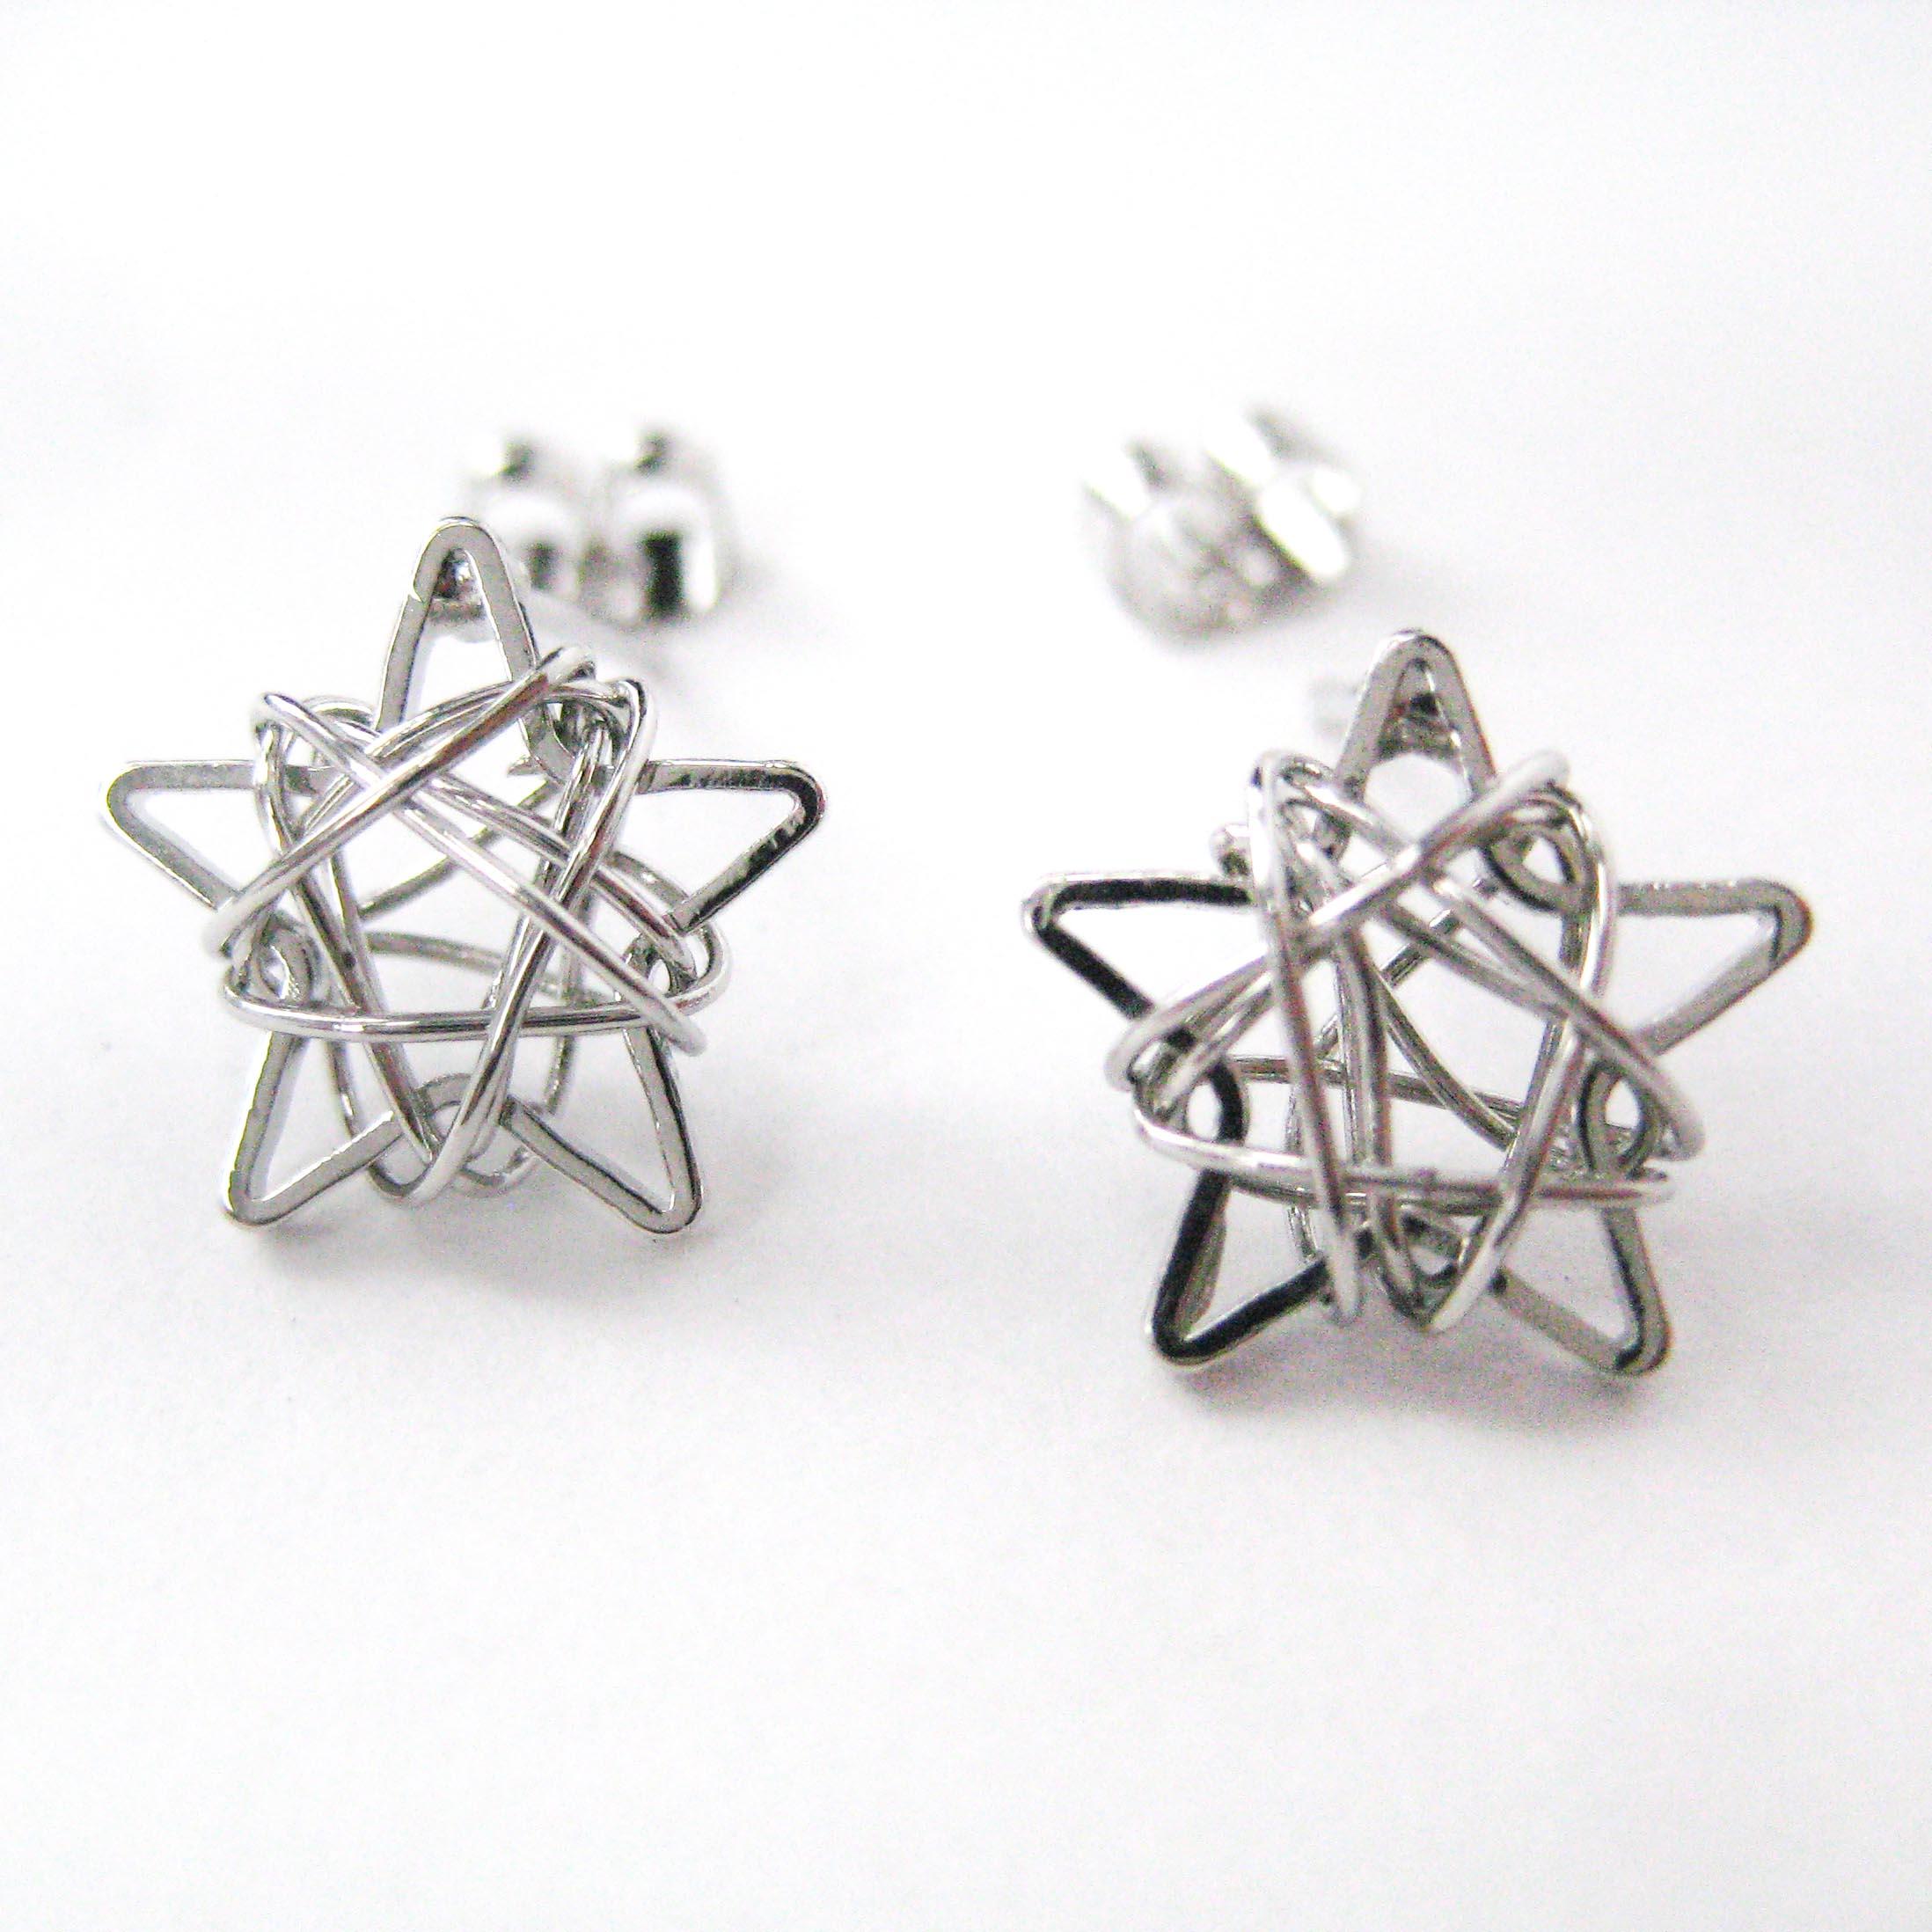 Dotoly Plus | Mini 3D Starry Night Star Stud Earrings in Silver ...